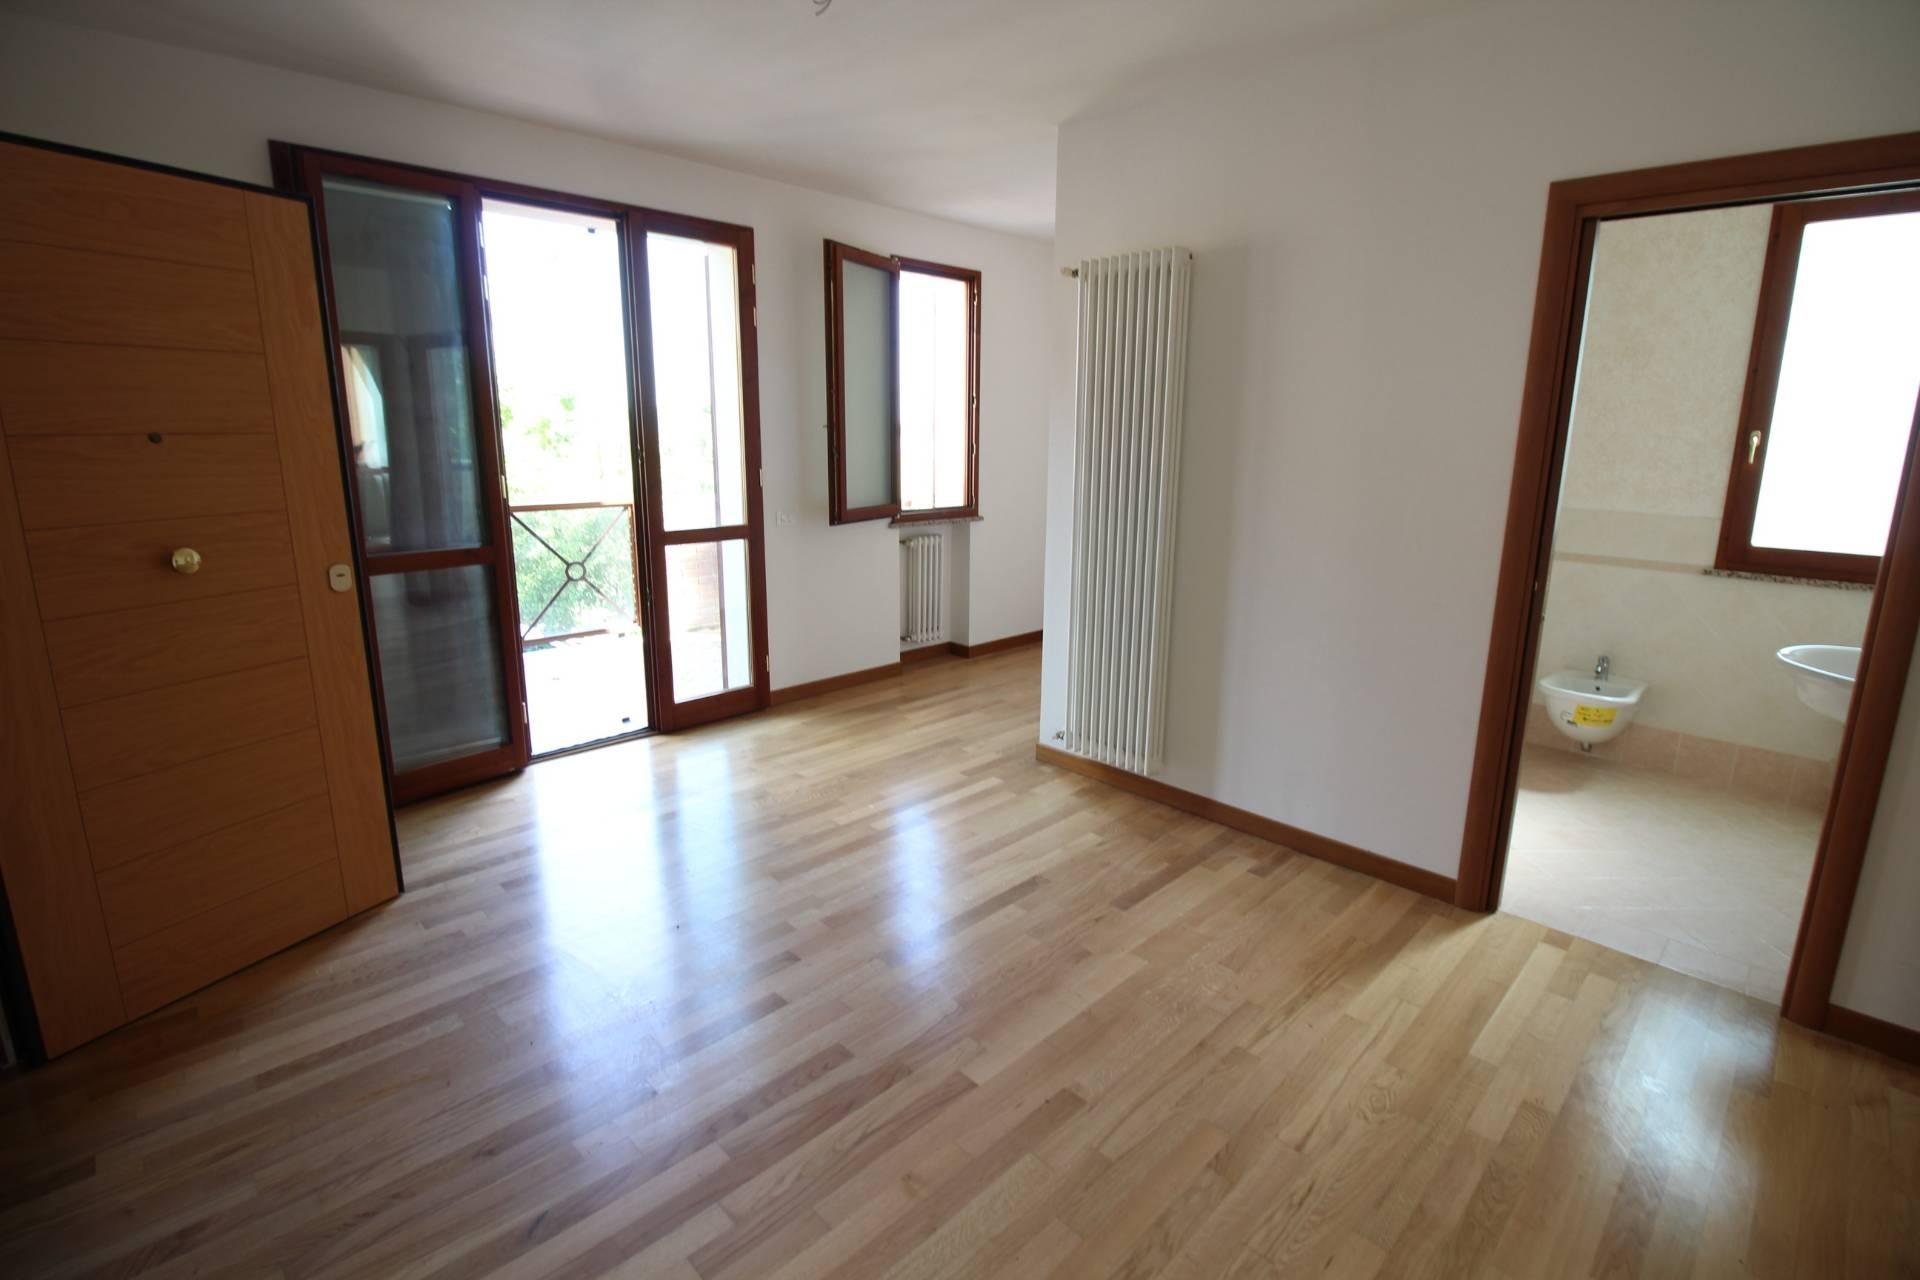 Appartamento in vendita a Ravenna, 1 locali, zona Località: FornaceZarattini, prezzo € 137.000 | CambioCasa.it